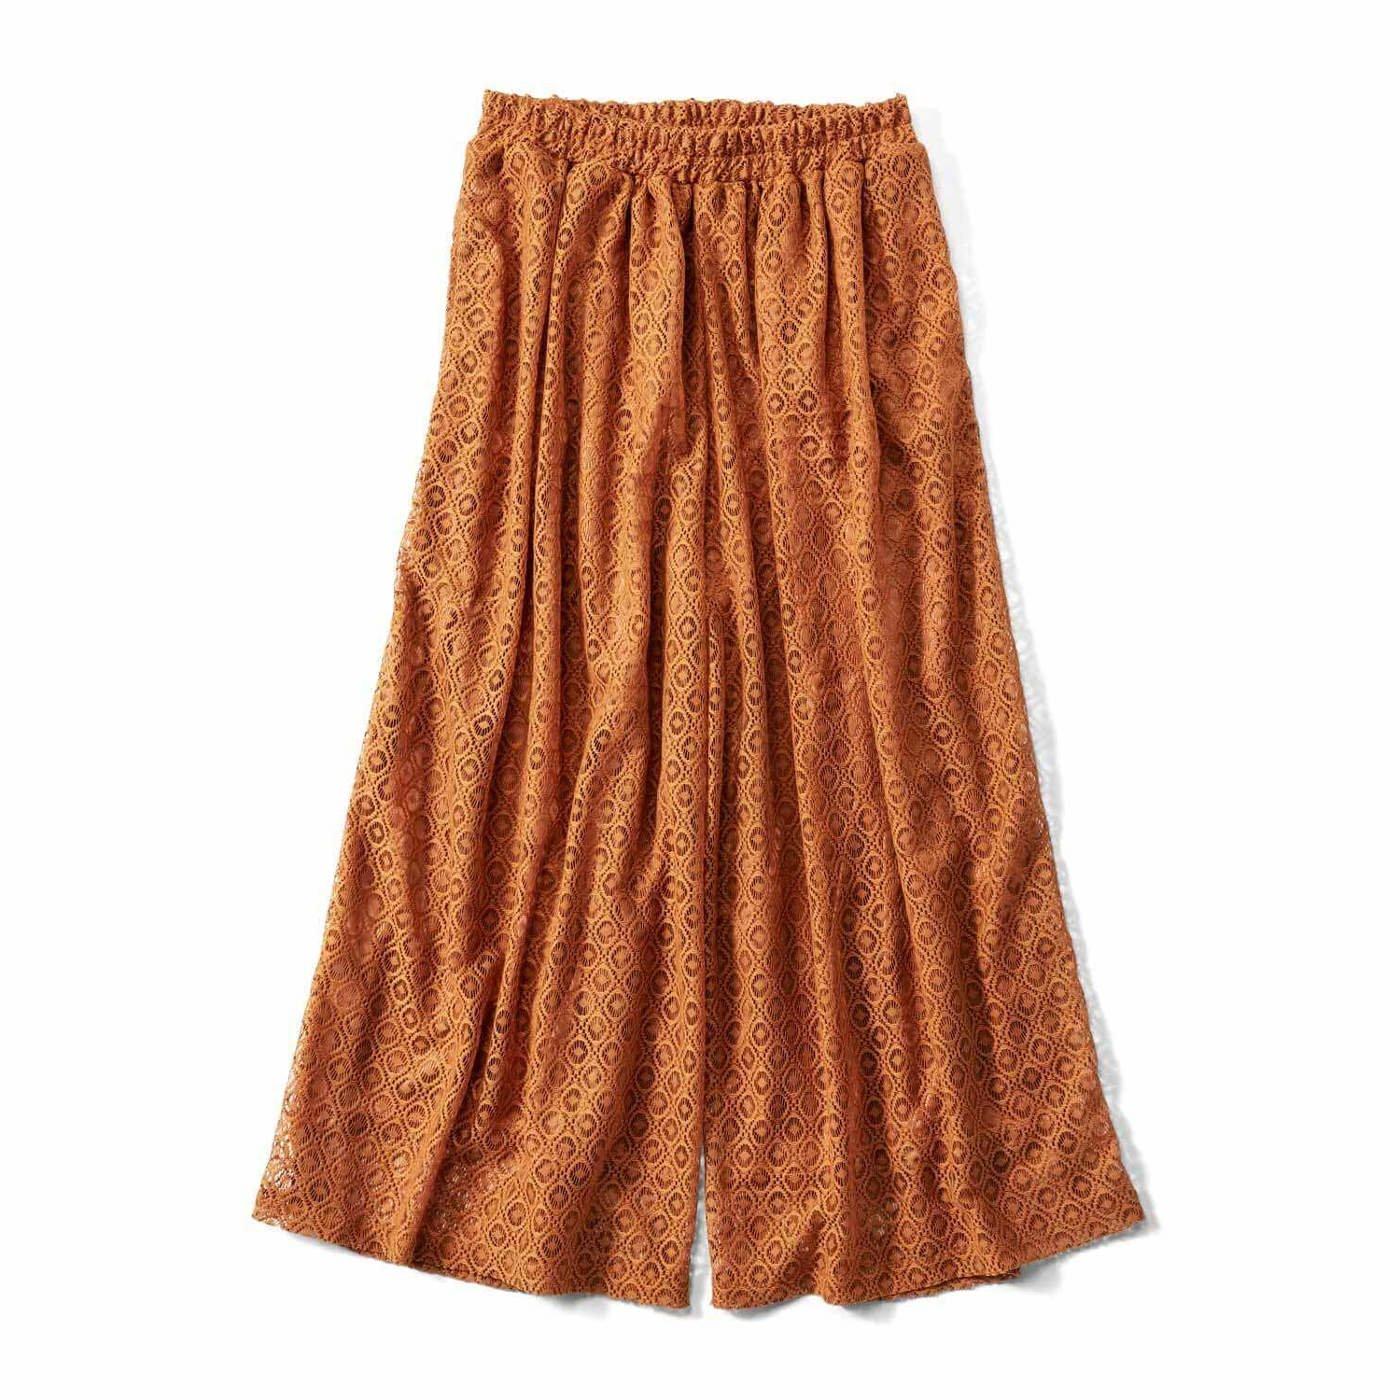 リブ イン コンフォート ひらりと軽やか ストレッチレースのスカート見えロングキュロット〈テラコッタブラウン〉